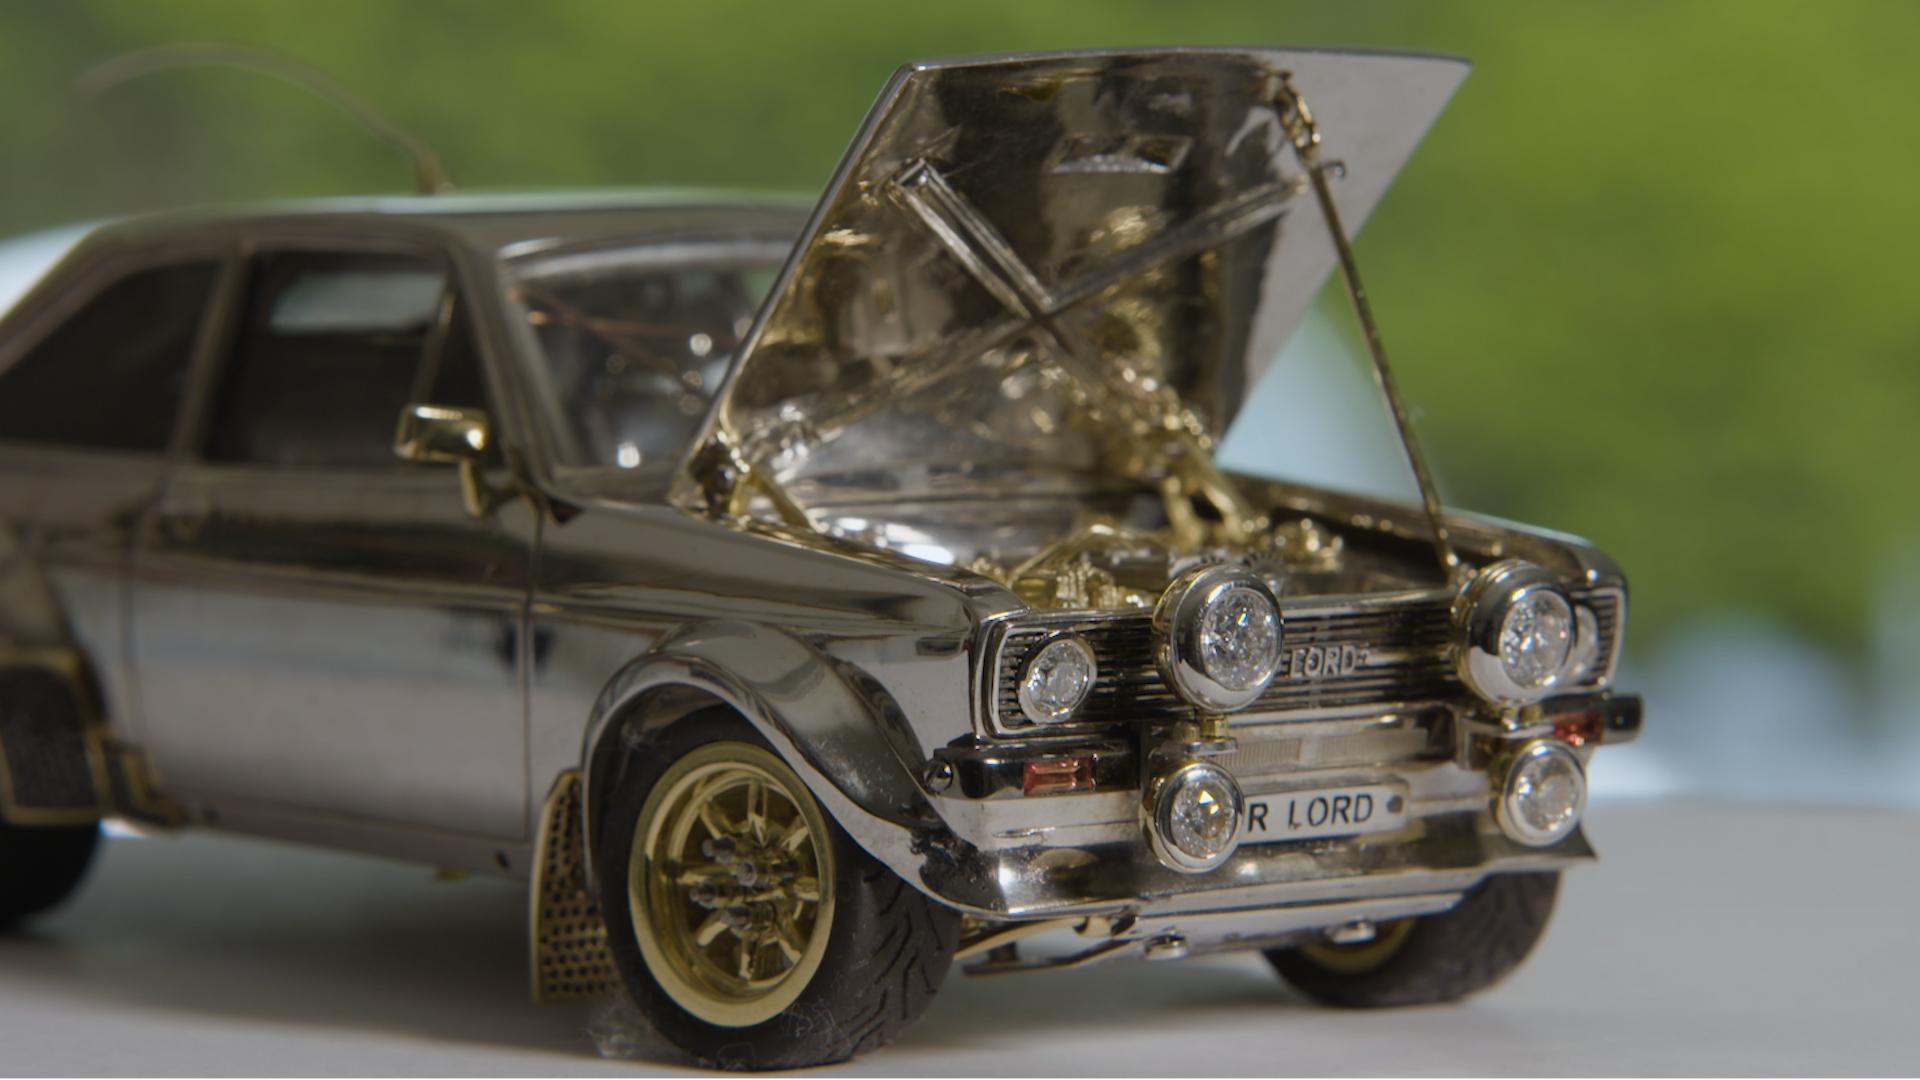 Ford Escort iz zlata, diamantov in srebra